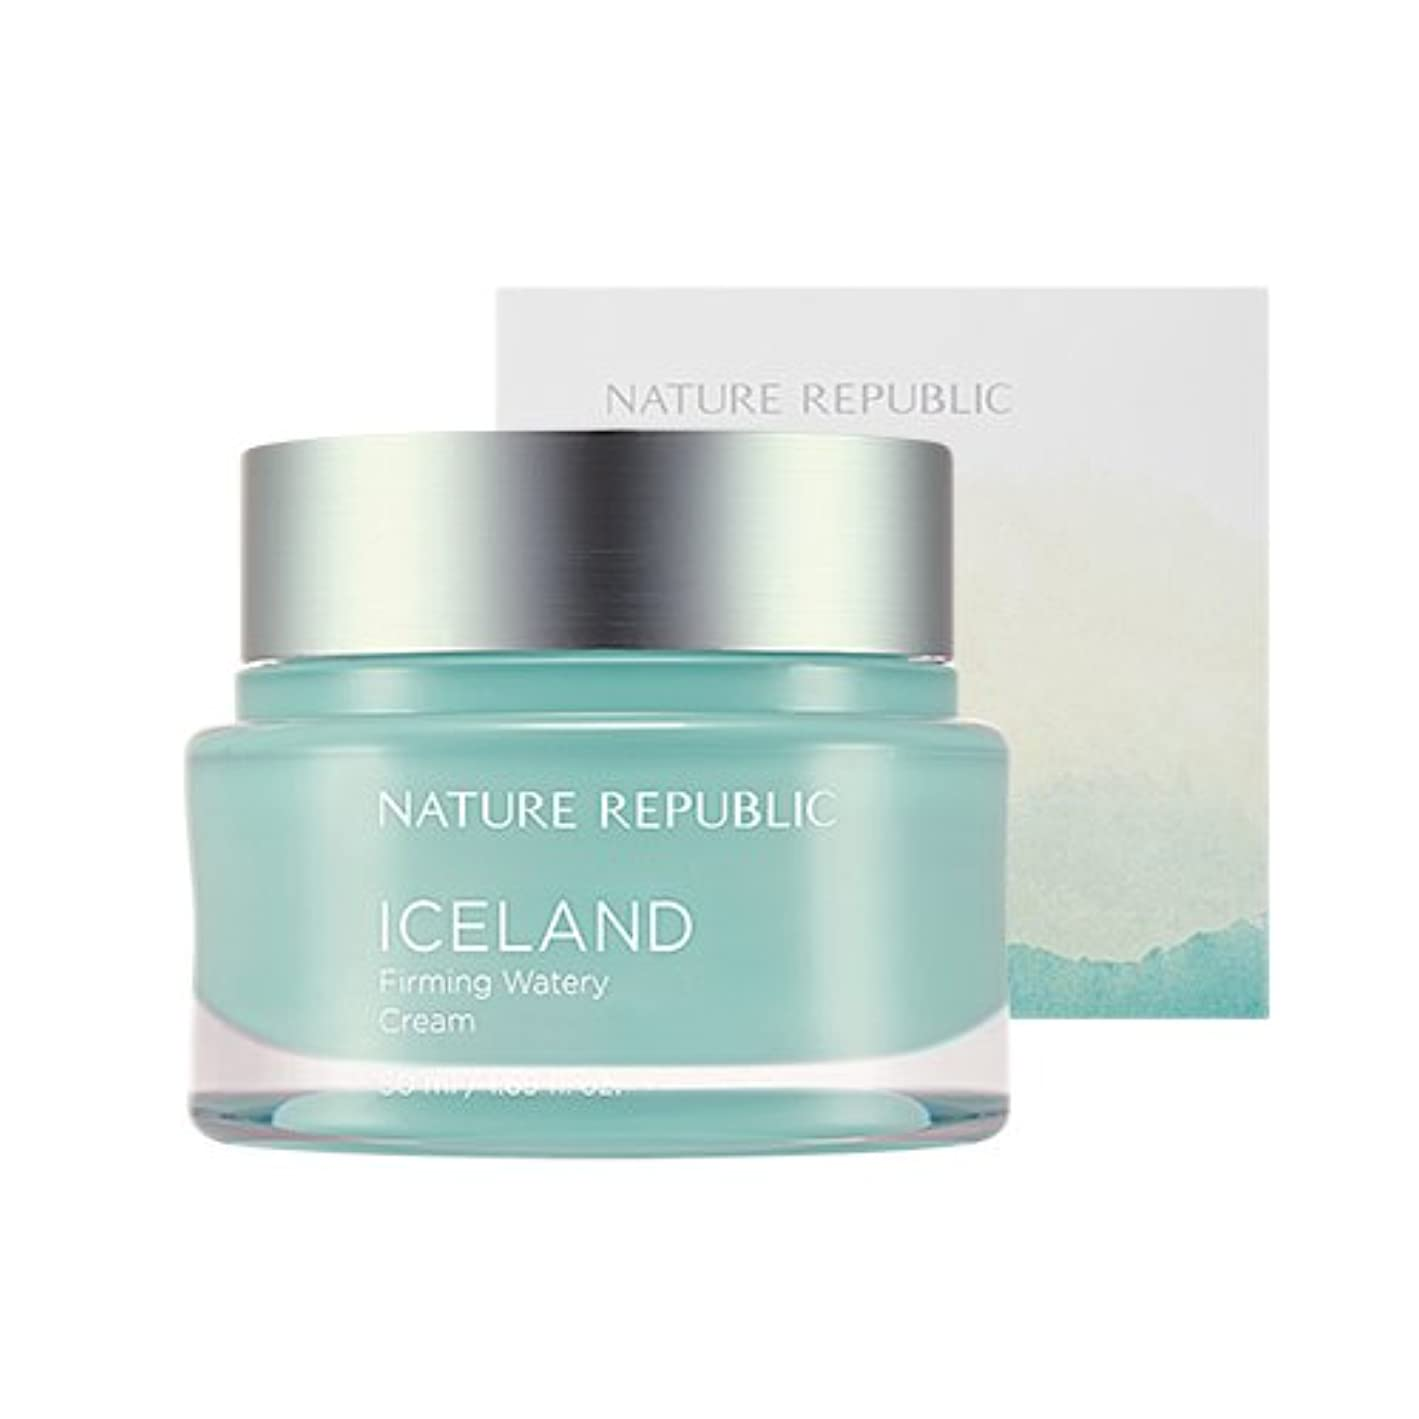 病気の置き場電話をかけるNature Republic Iceland Firming Watery Cream 50ml / ネイチャーリパブリック アイスファーミング水分クリーム 50ml [並行輸入品]